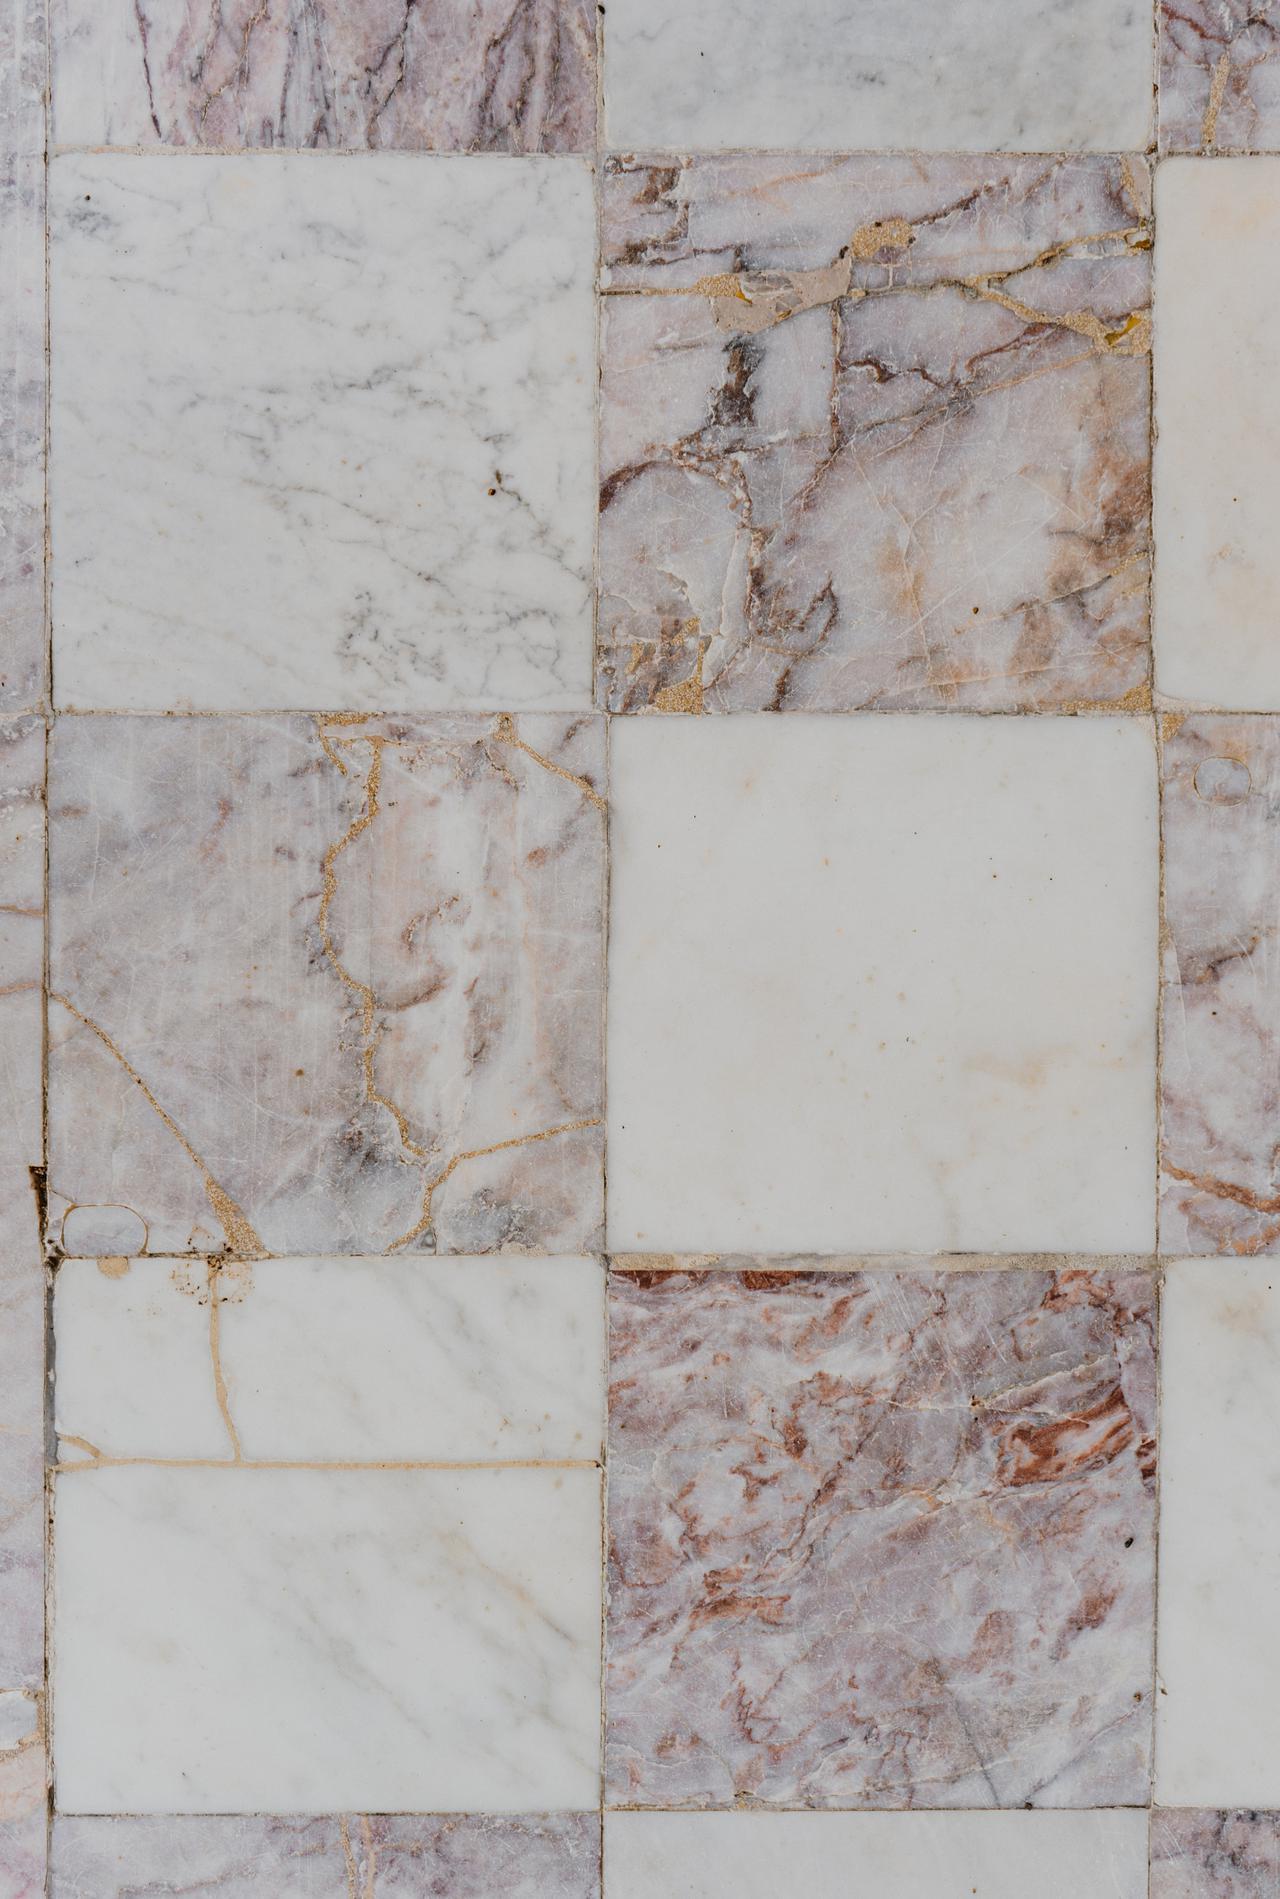 Tile repair vs. replacement: tile experts in Dallas explain